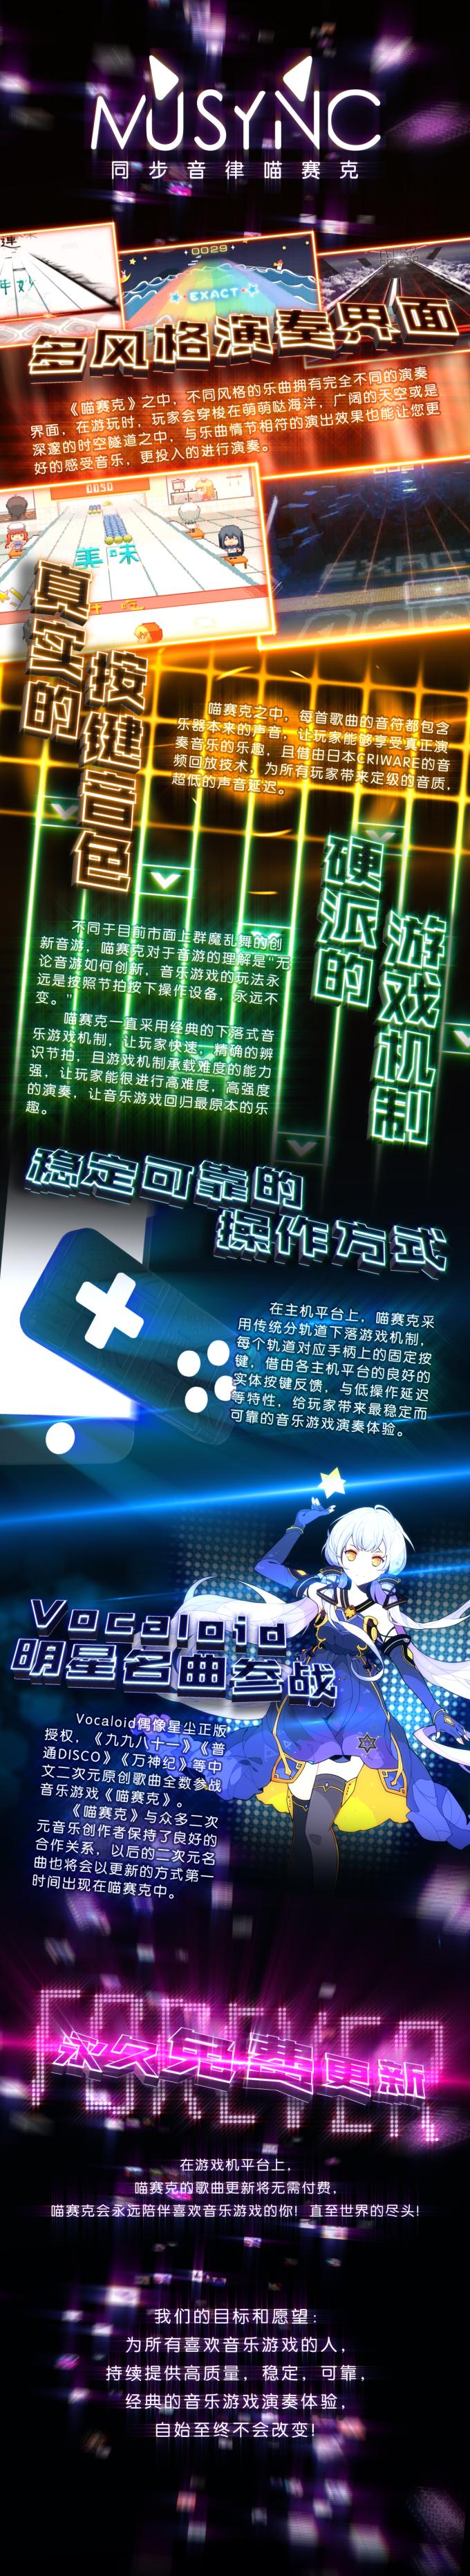 长图_00001 (0-00-00-00).jpg